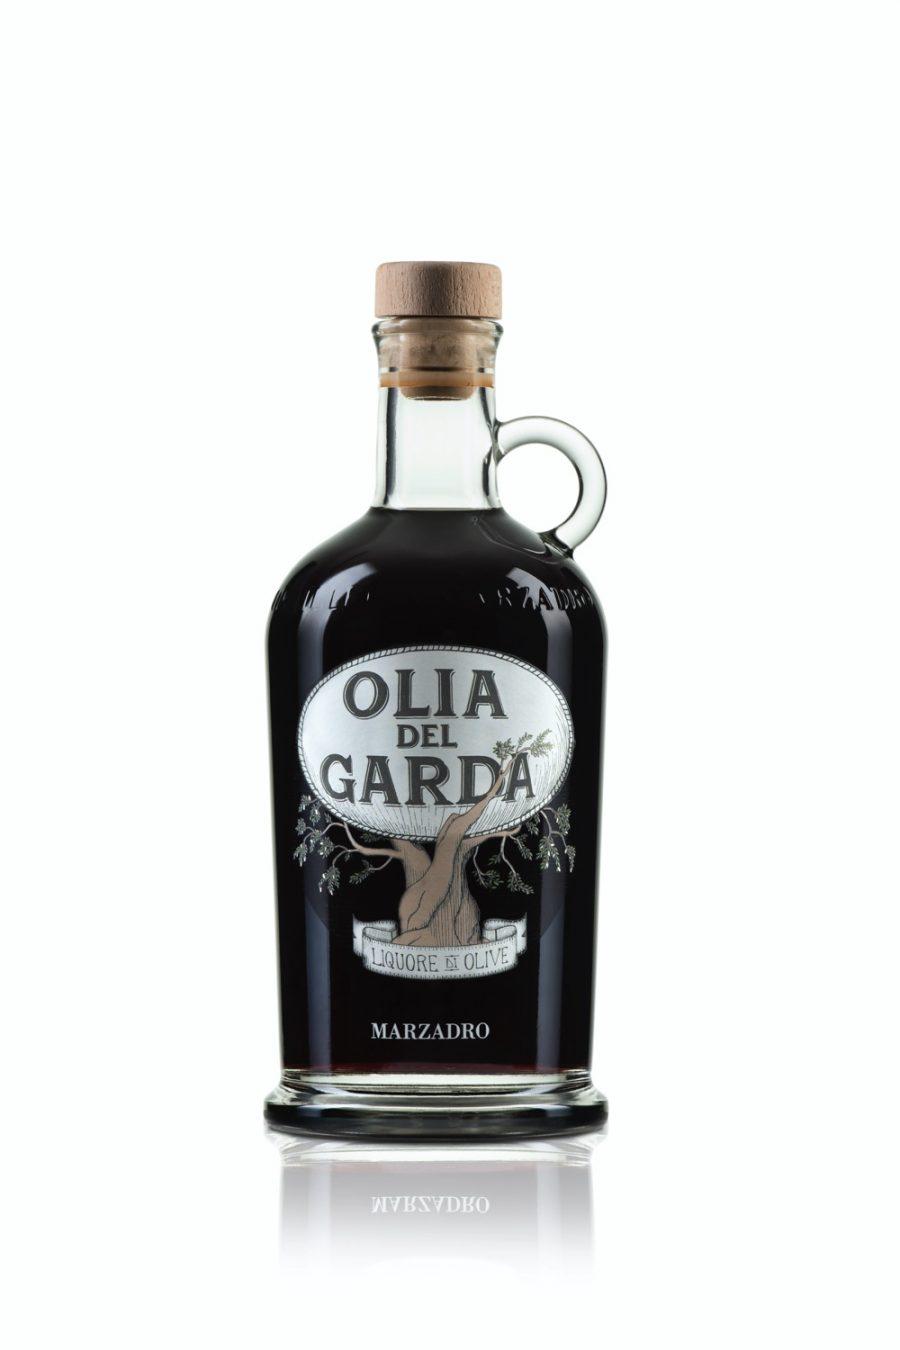 Olia del Garda - Marzadro - Cimon Stube Passo Rolle